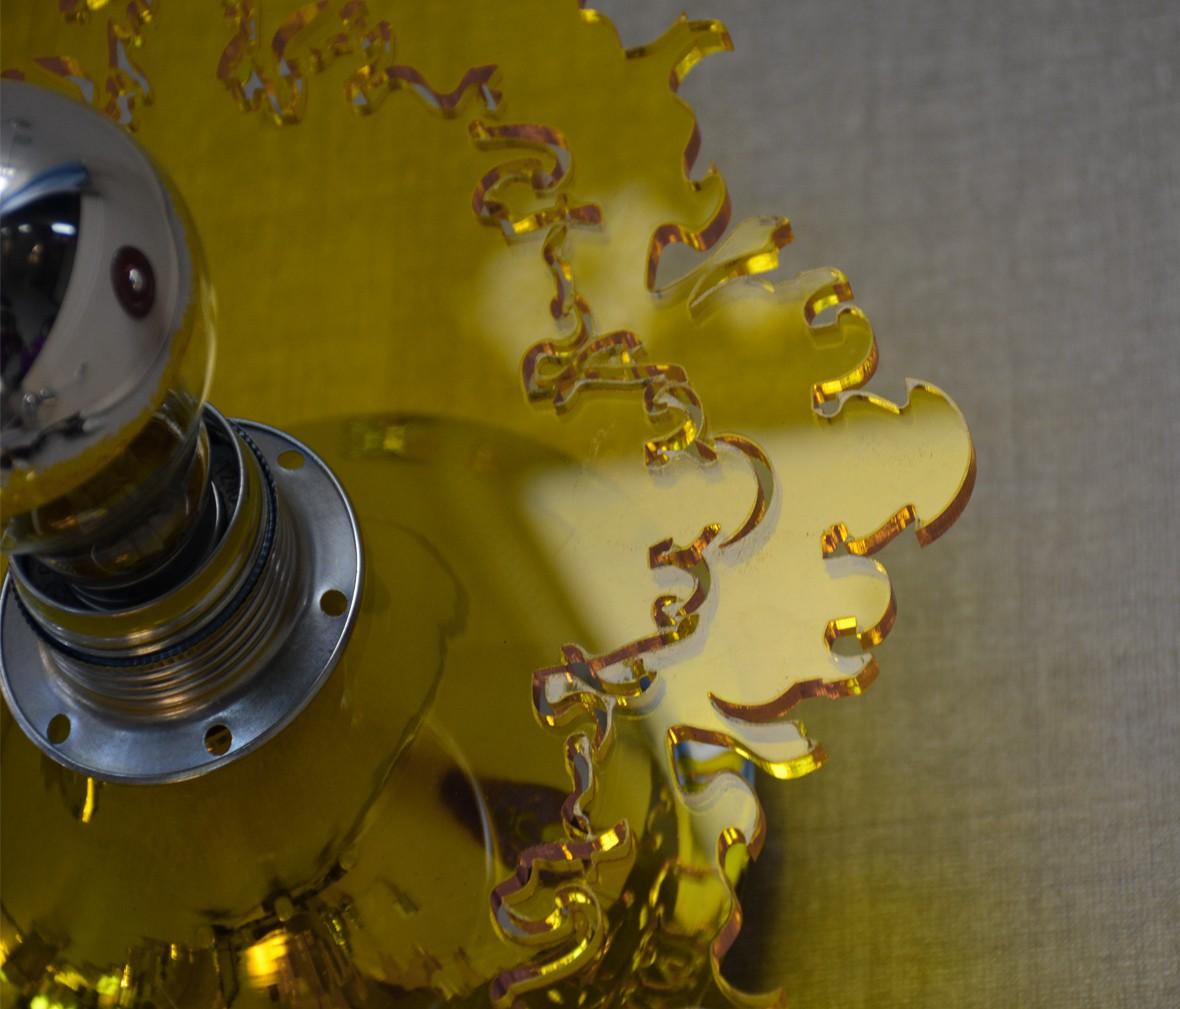 阿尼玛灯饰 W-011S型号黄色走廊壁灯 PVC材质 创意壁灯  图片、价格、品牌、评测样样齐全!【蓝景商城正品行货,蓝景丽家大钟寺家居广场提货,北京地区配送,领券更优惠,线上线下同品同价,立即购买享受更多优惠哦!】